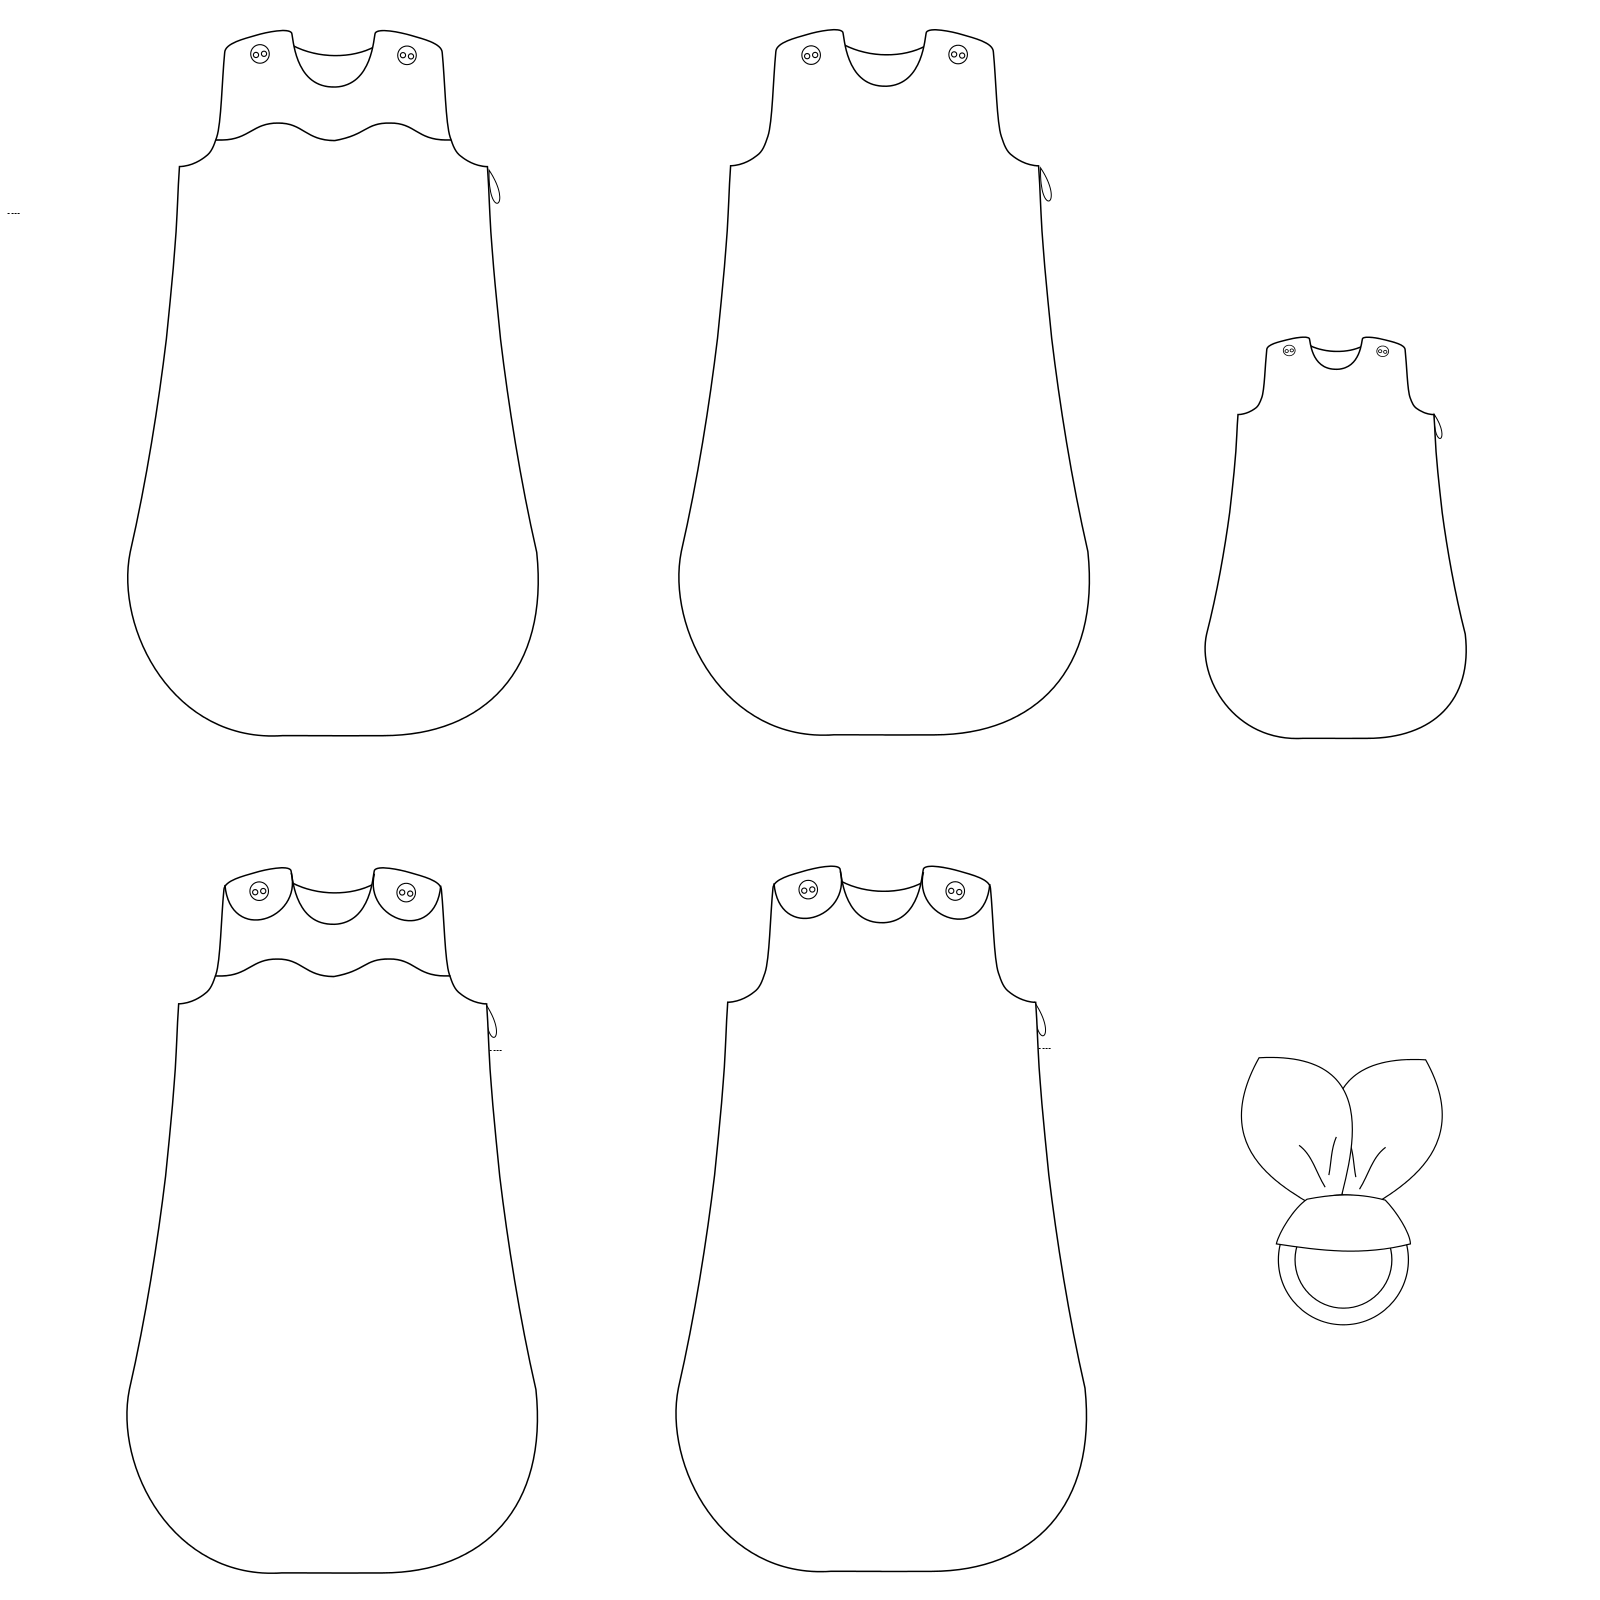 Lua papieren patroon (Nederlands)